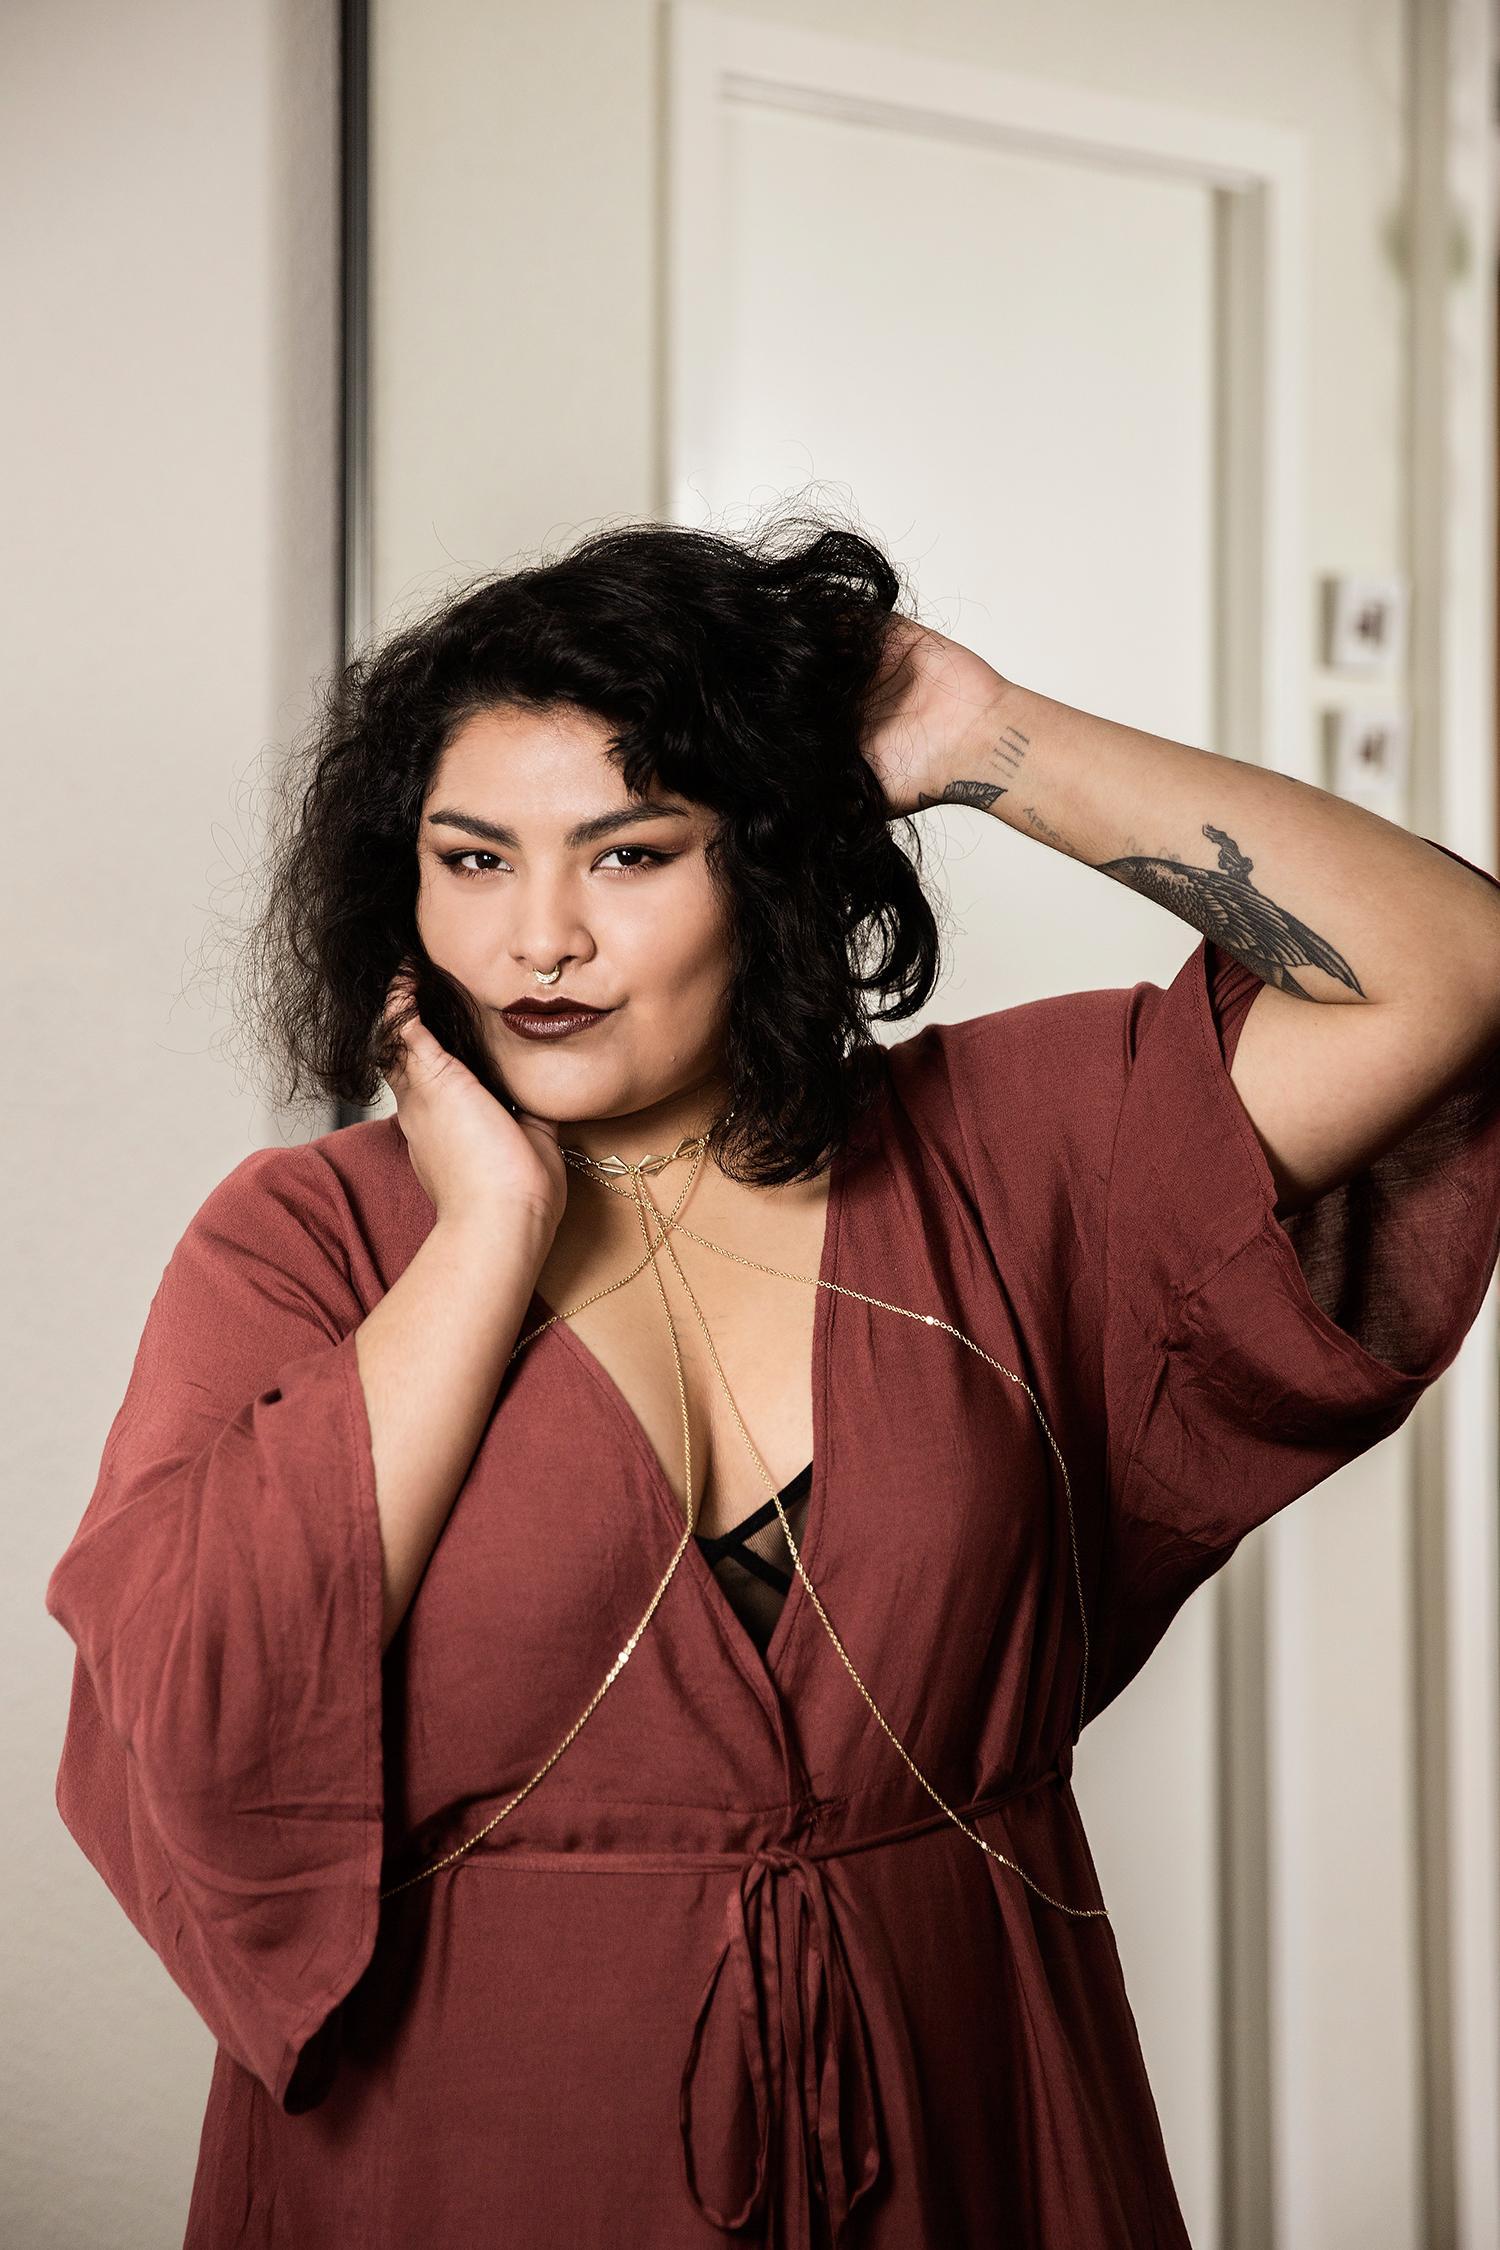 """""""Att posta bilder på våra kroppar handlar inte om att vilja ha komplimanger."""" säger Esmeralda."""